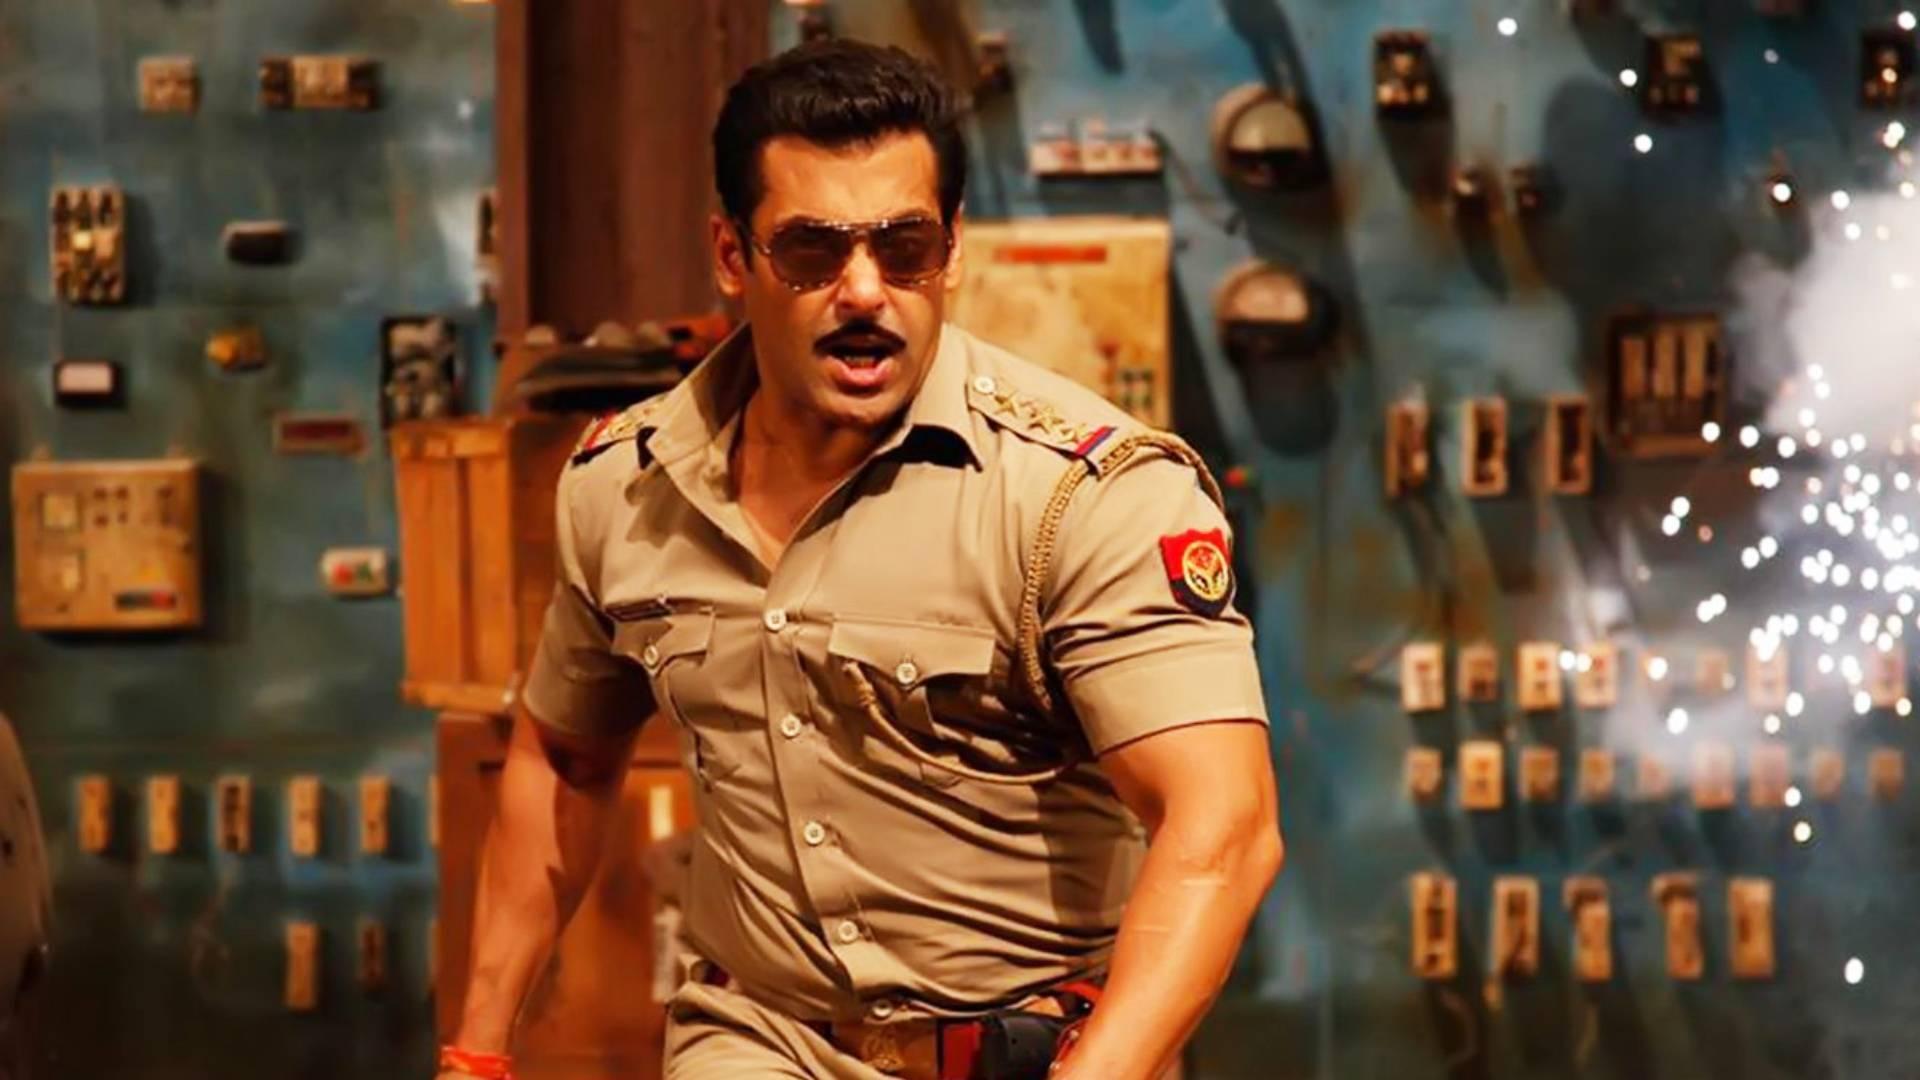 Dabangg 3: सलमान खान की फिल्म दबंग 3 का मोशन पोस्टर हुआ रिलीज, 100 दिन बाद चुलबुल पांडे मचाएंगे धमाल